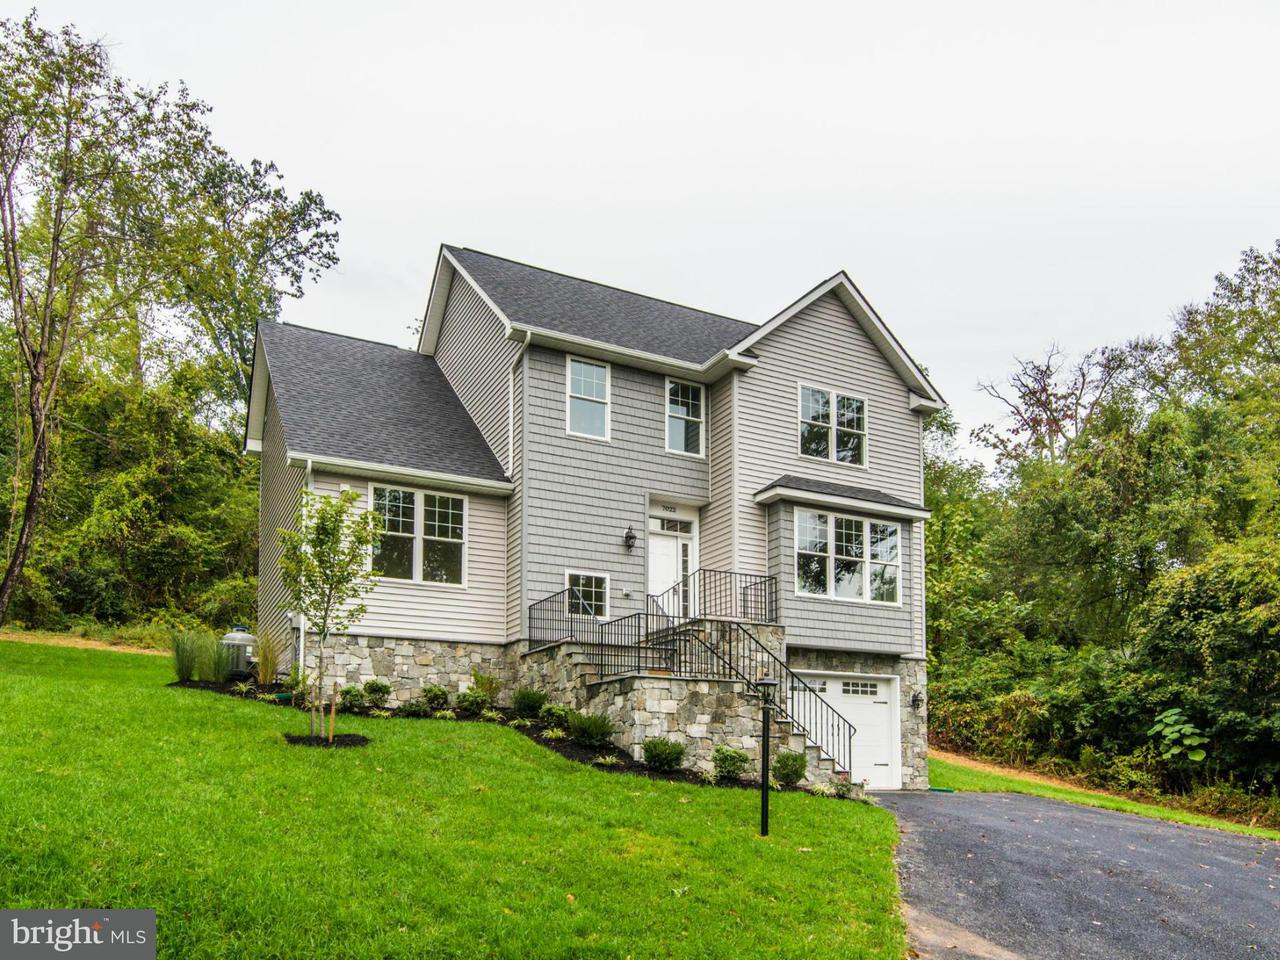 Casa Unifamiliar por un Venta en MEADOWLAKE Road MEADOWLAKE Road New Market, Maryland 21774 Estados Unidos